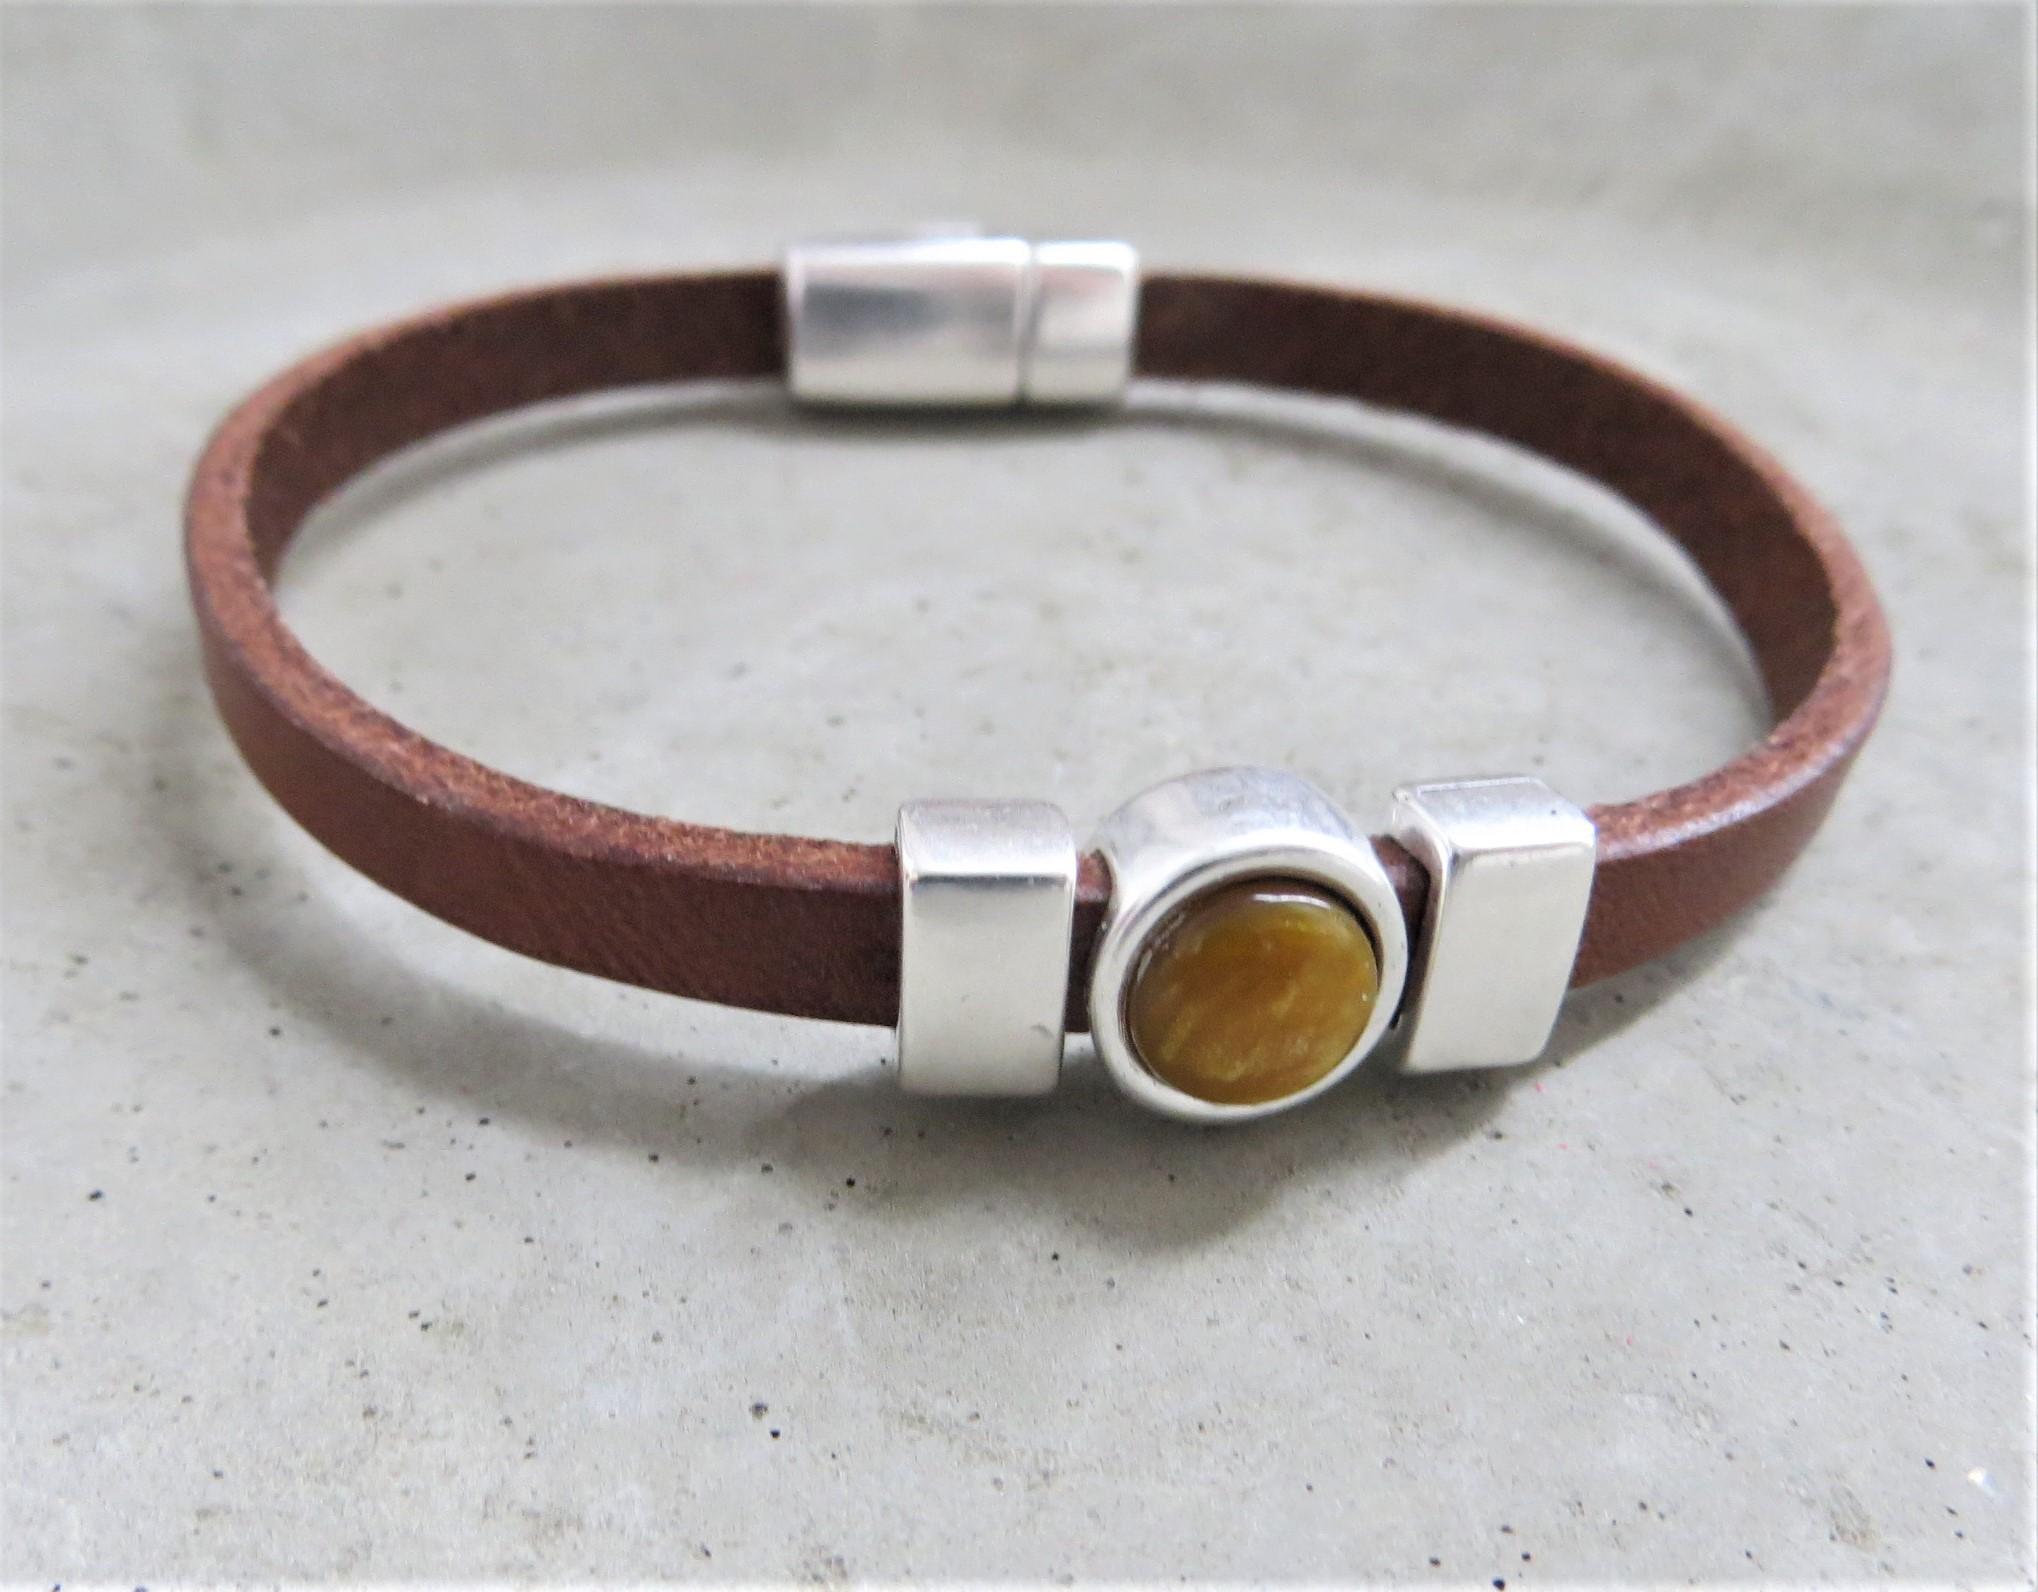 Armbaender für Frauen - QOSS Armband CHARLOTTE Braun Ockergelb M  - Onlineshop Tante Emmer